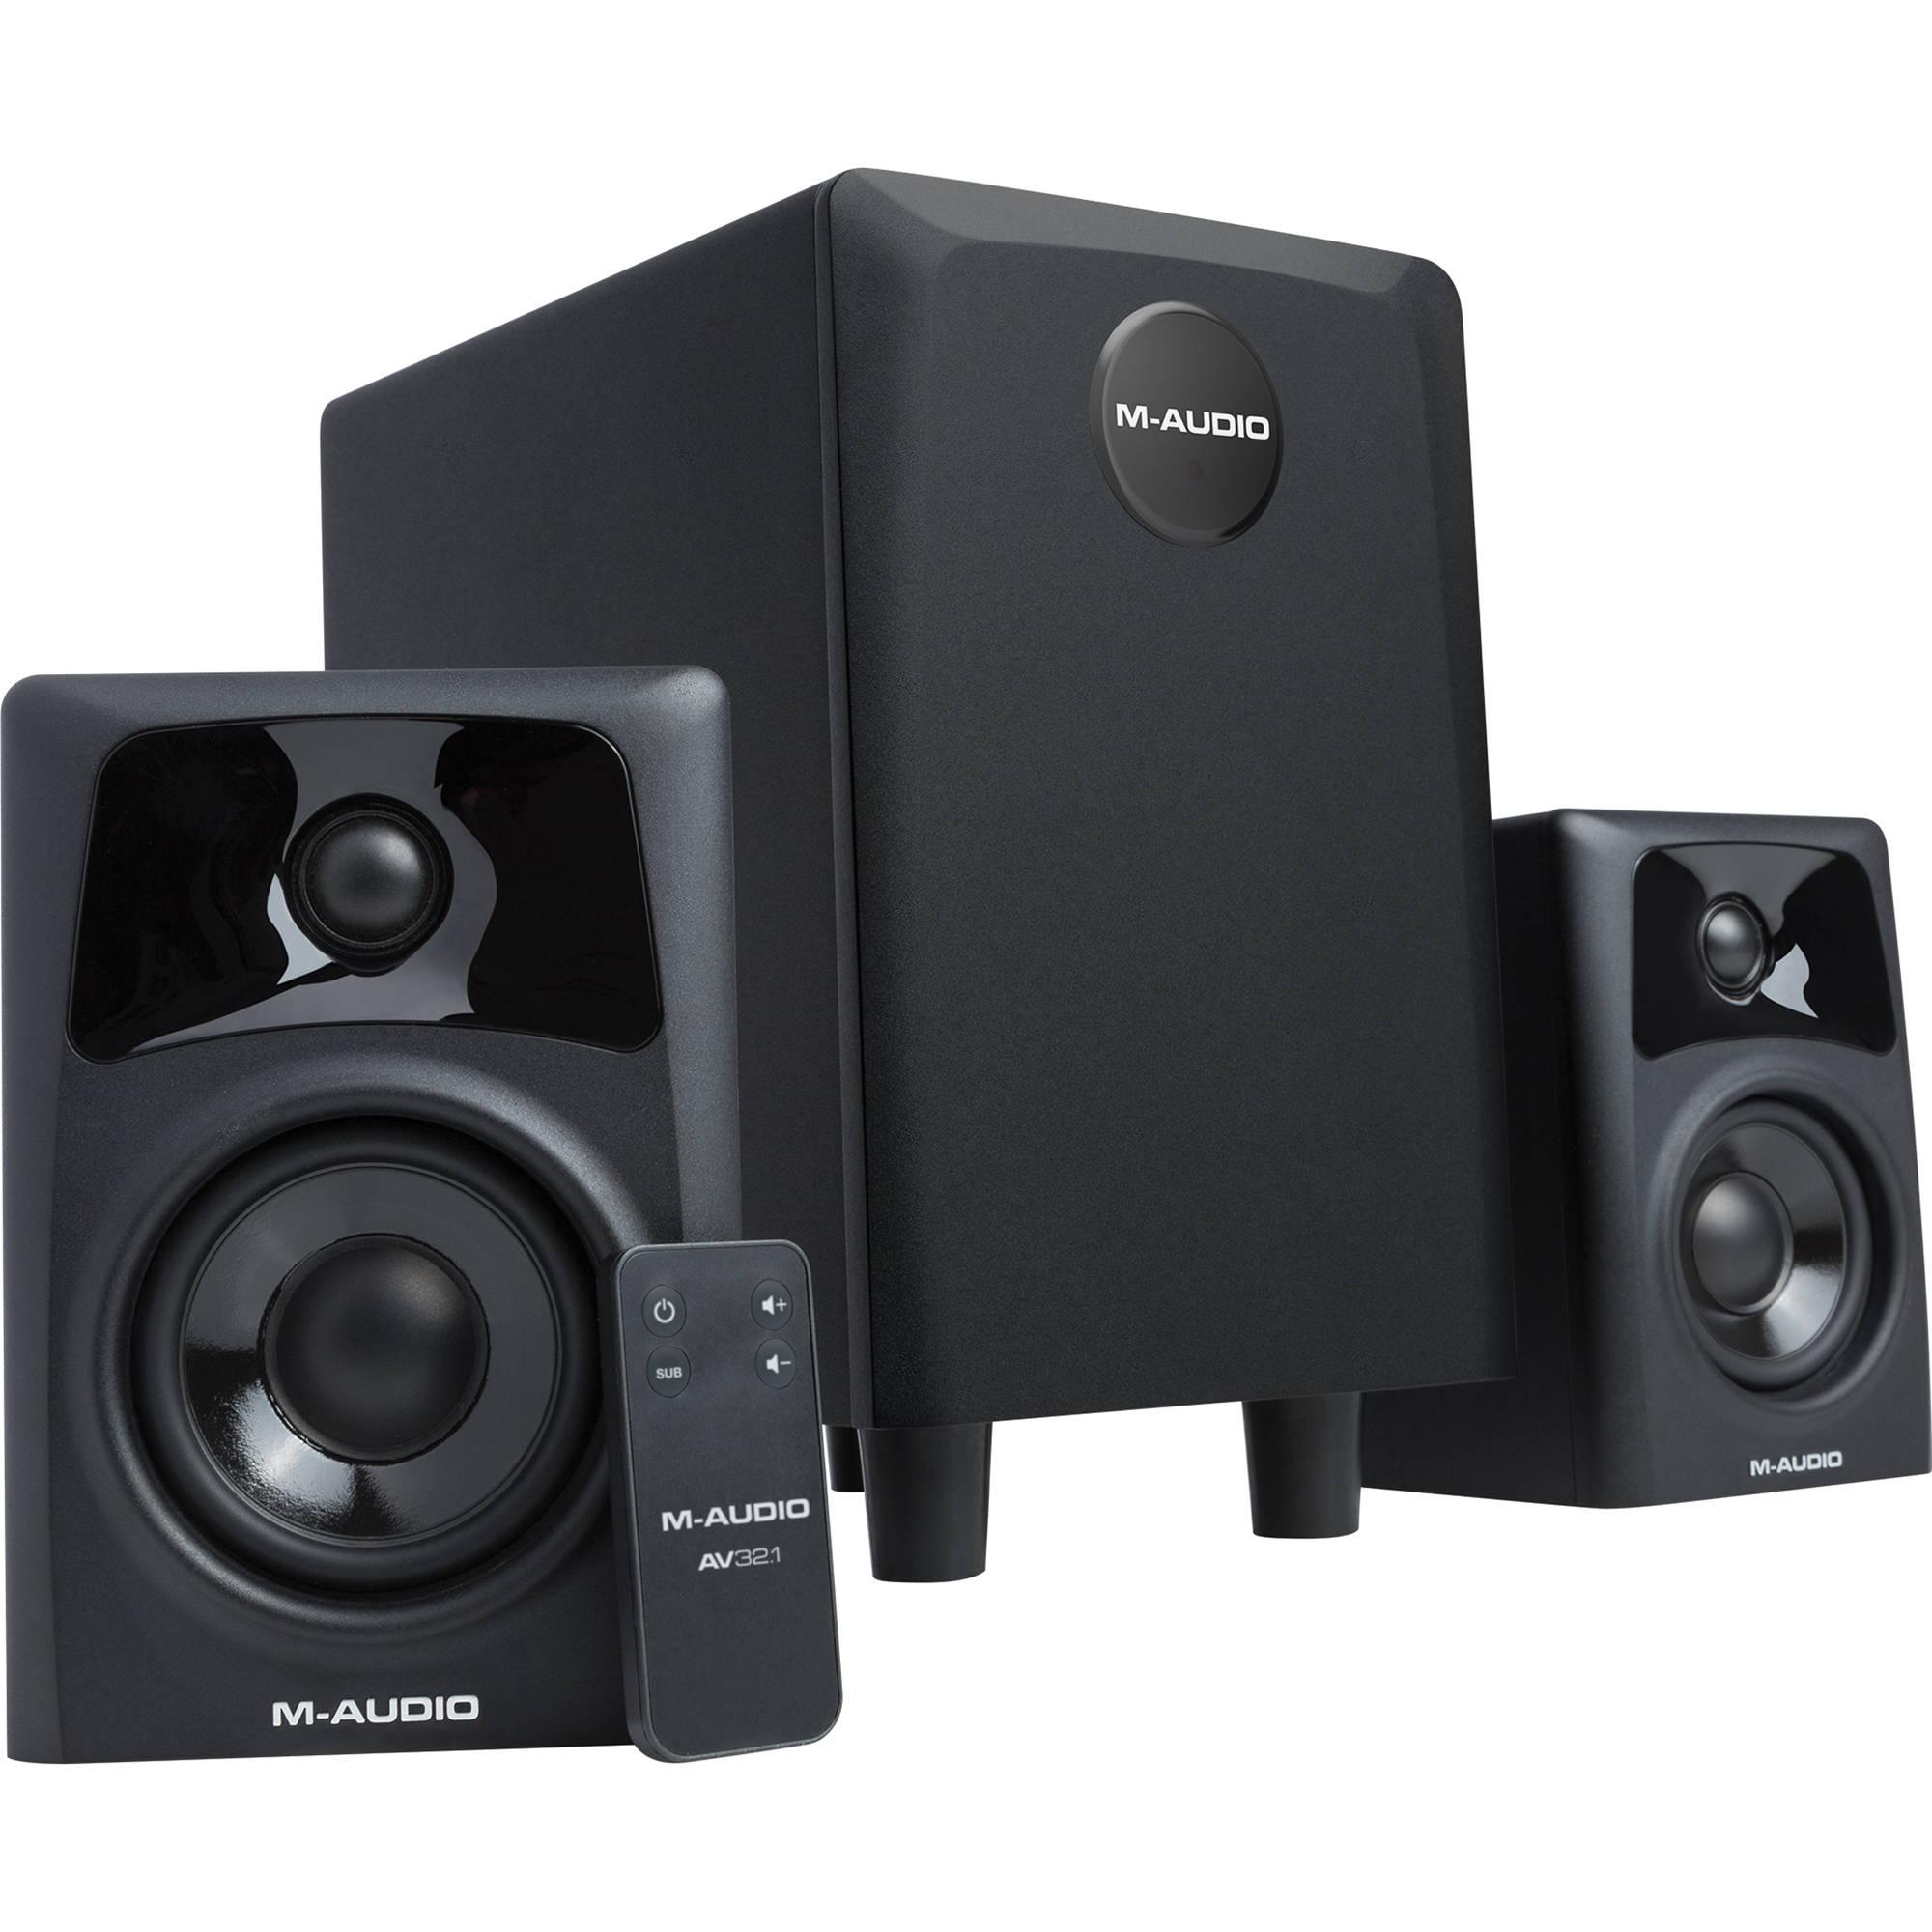 m audio av32 1 dual speaker subwoofer system av32 1 b h. Black Bedroom Furniture Sets. Home Design Ideas